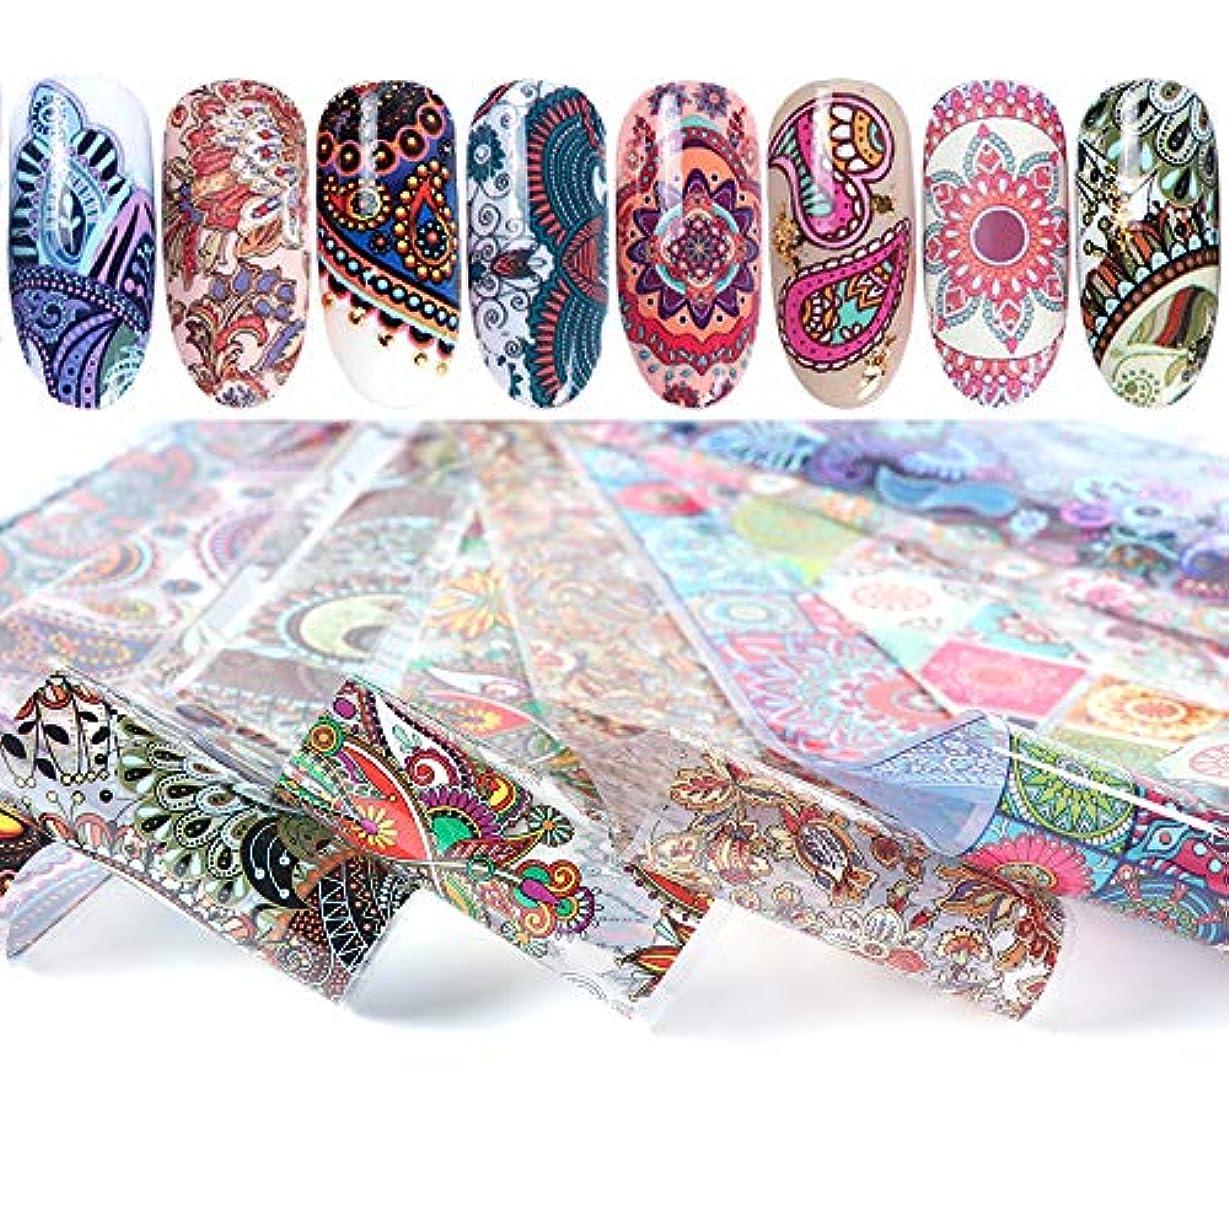 パンダ接地司法SUKTI&XIAO ネイルステッカー 10個ホログラフィックネイル箔セットネイルアート転写ステッカー4 * 20cm混合デザインネイルアートスライドマニキュア装飾